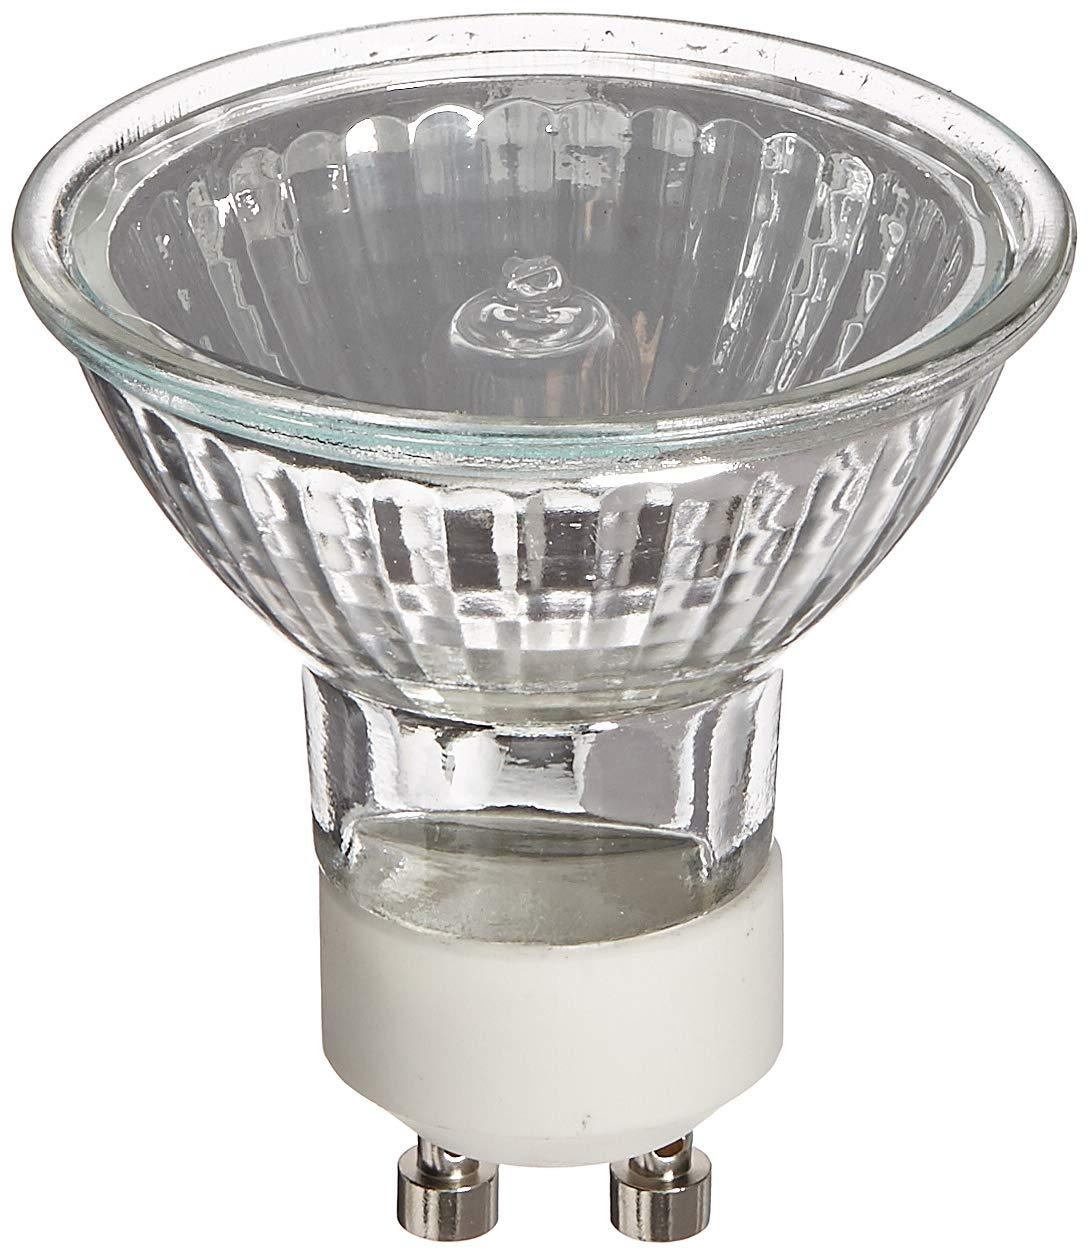 eTopLighting 6 Bulbs GU10 Halogen Bulb 12V 35W GU10 Halogen Light Bulb 12 Volt 35 Watt GU10 Halogen Bulb Lamp